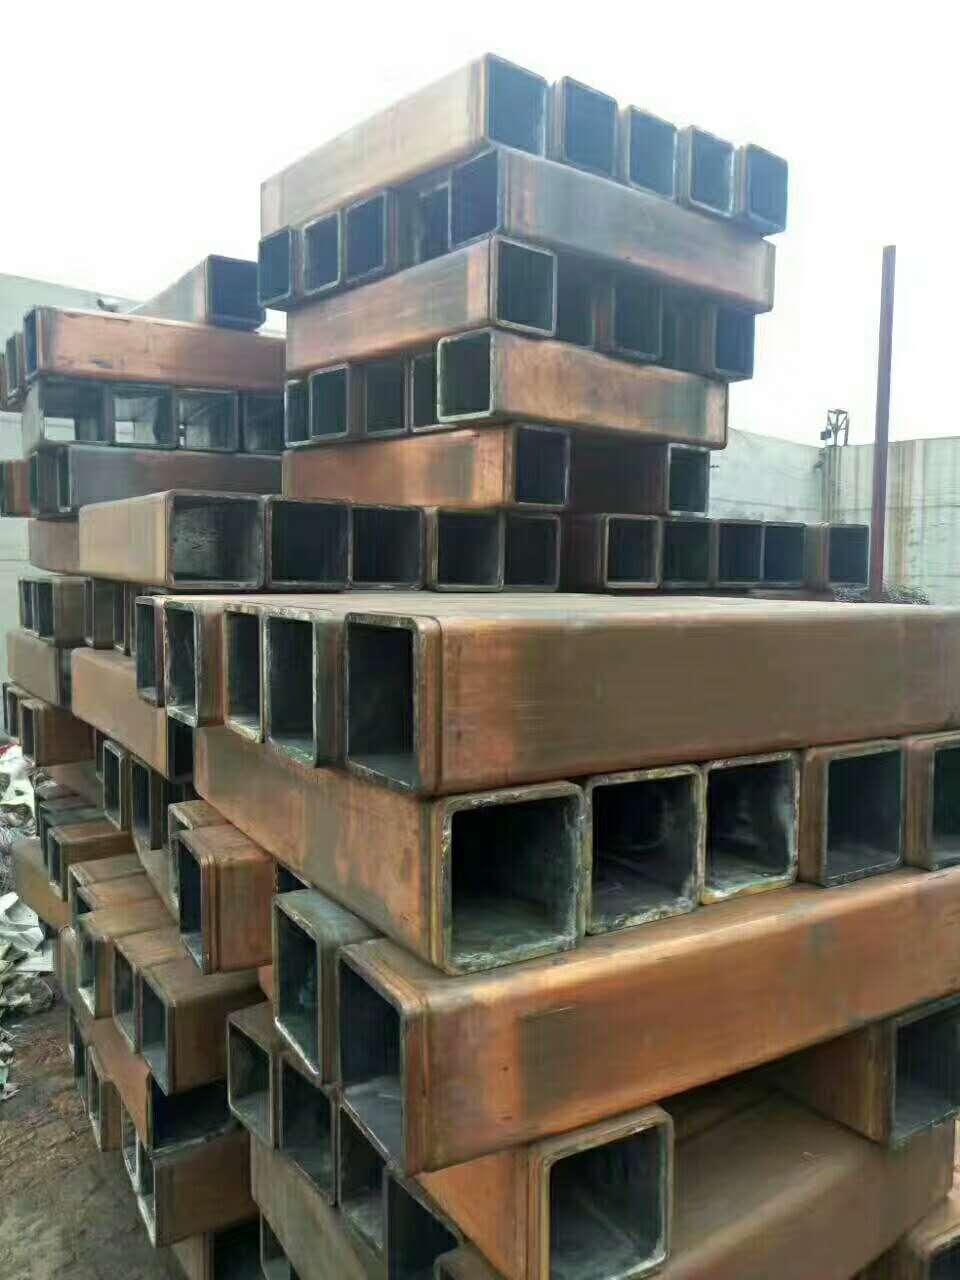 洛阳老城厂家回收报废电缆现金回收